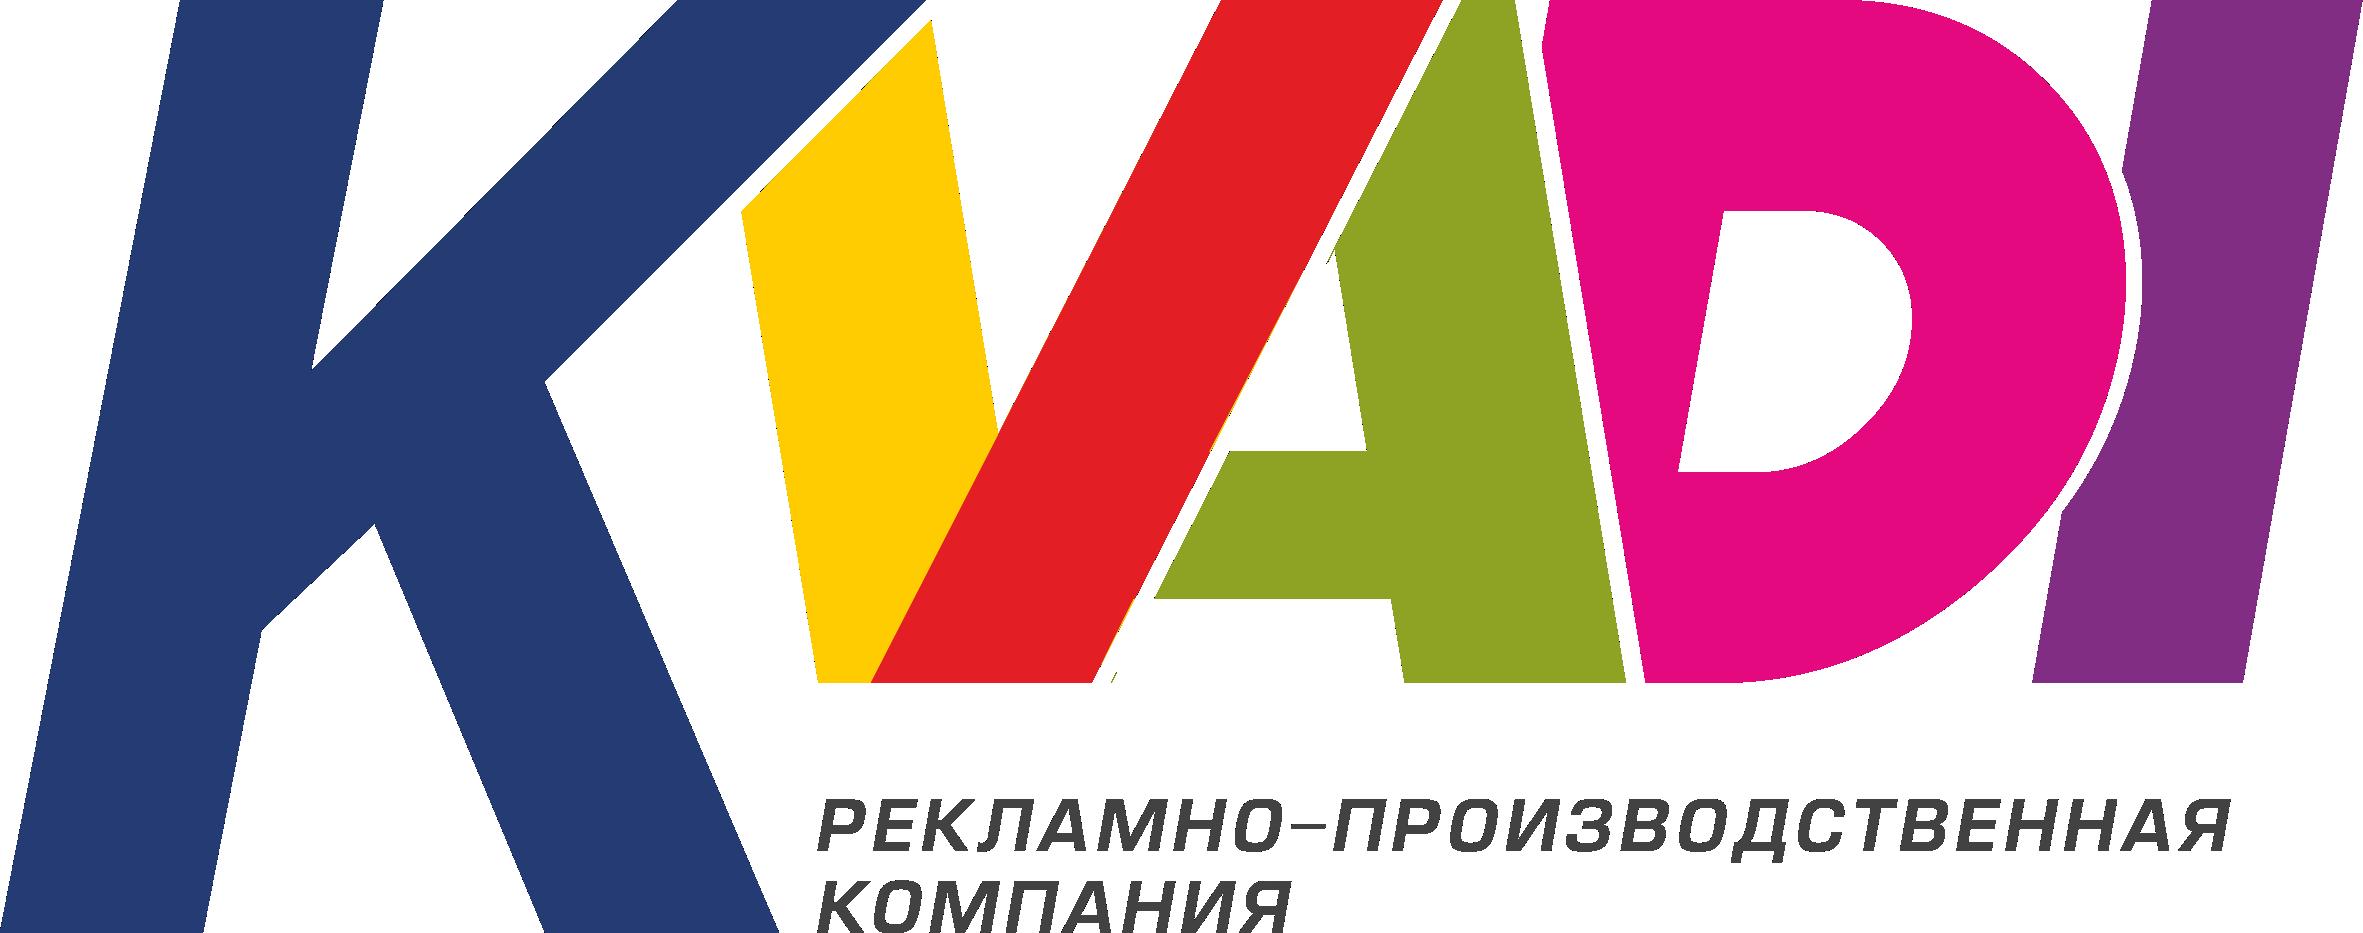 """Рекламно-производственная компания """"KVADI"""""""